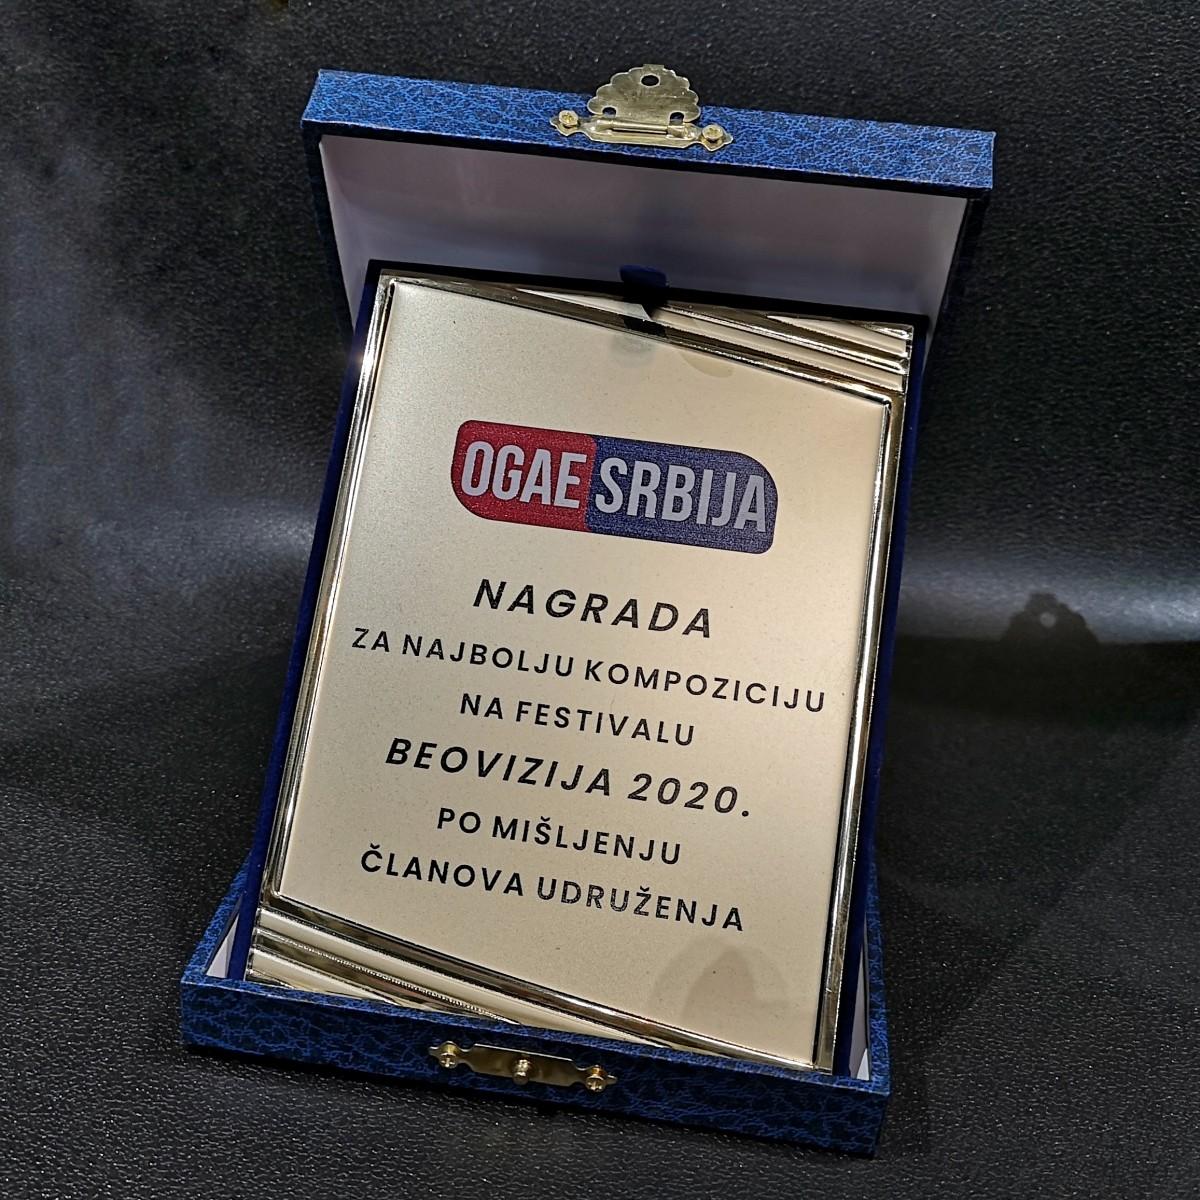 FOTO: Miloš Savić / OGAE Srbija